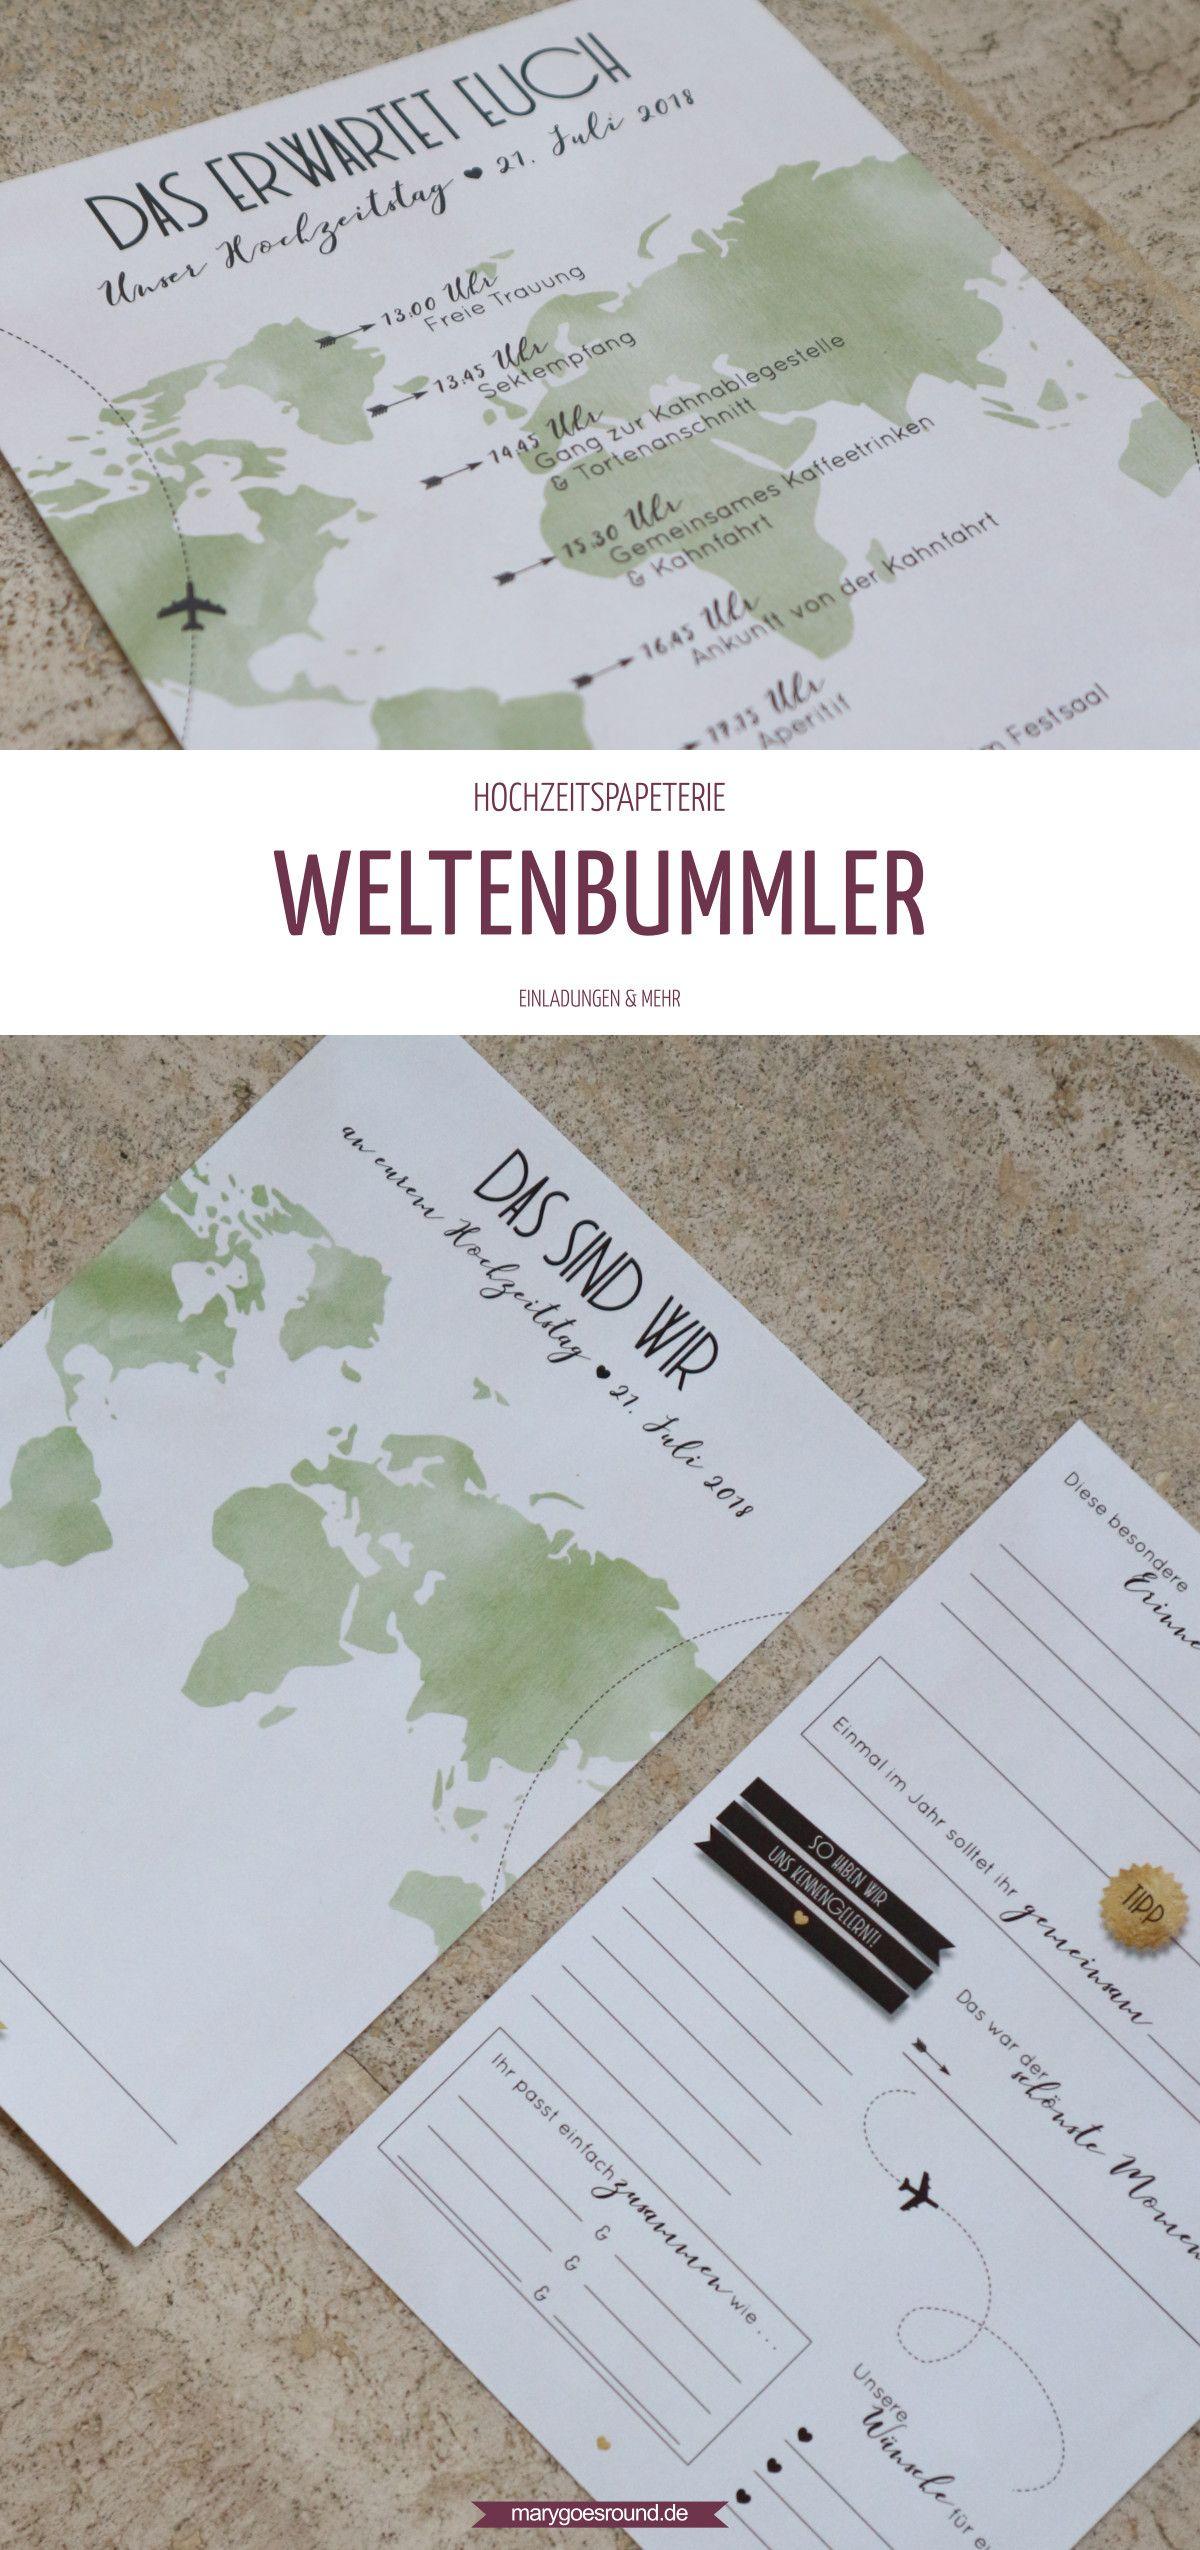 Hochzeitskarten Mit Weltkartenmotiv Sind Perfekt Fur Euch Wenn Ihr